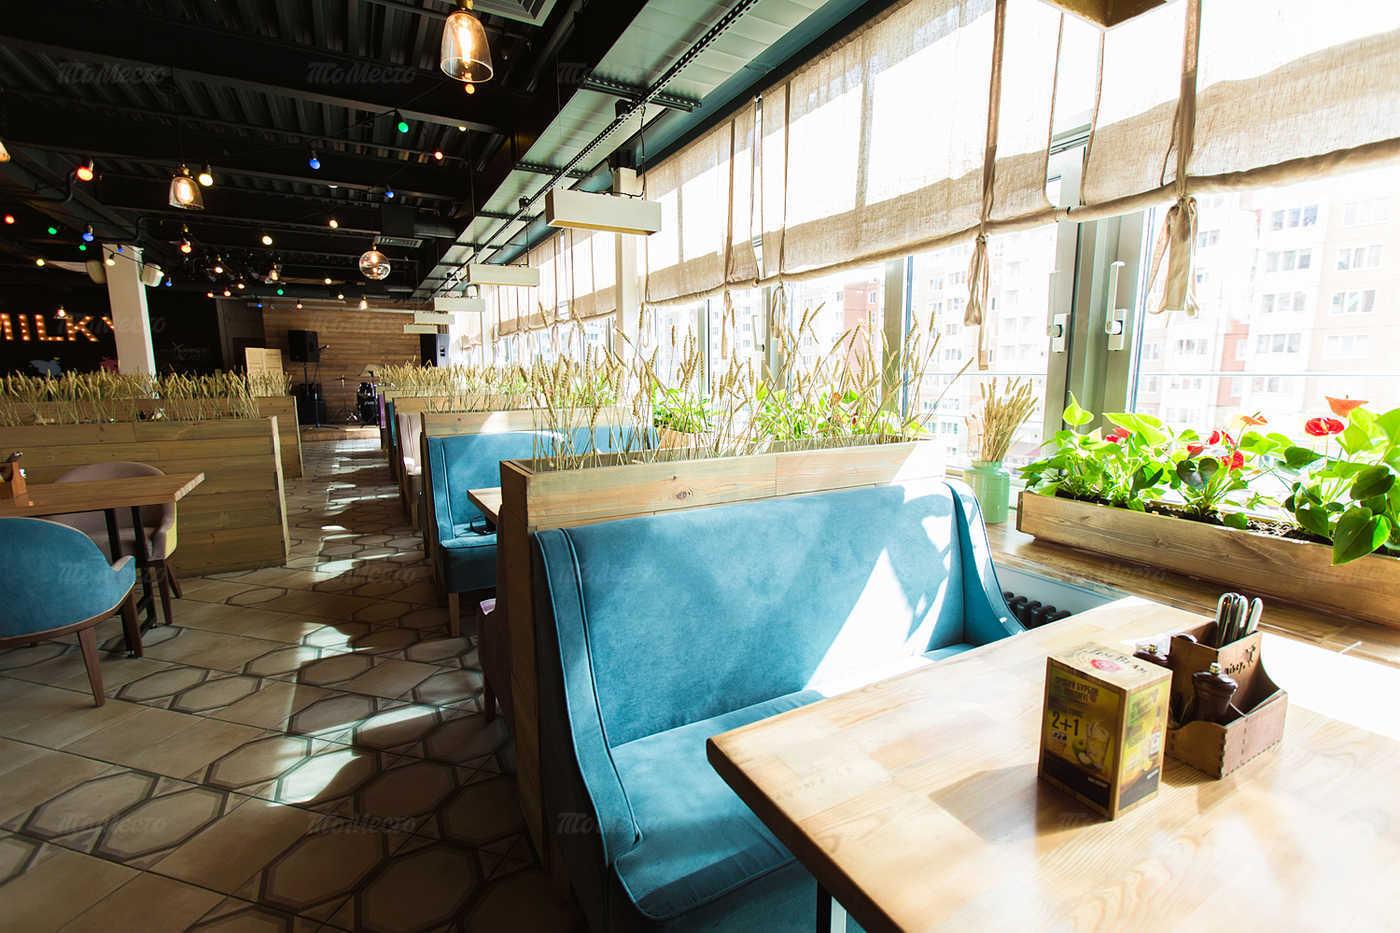 Банкеты ресторана Милки (Milky) на Красносельском шоссе фото 7